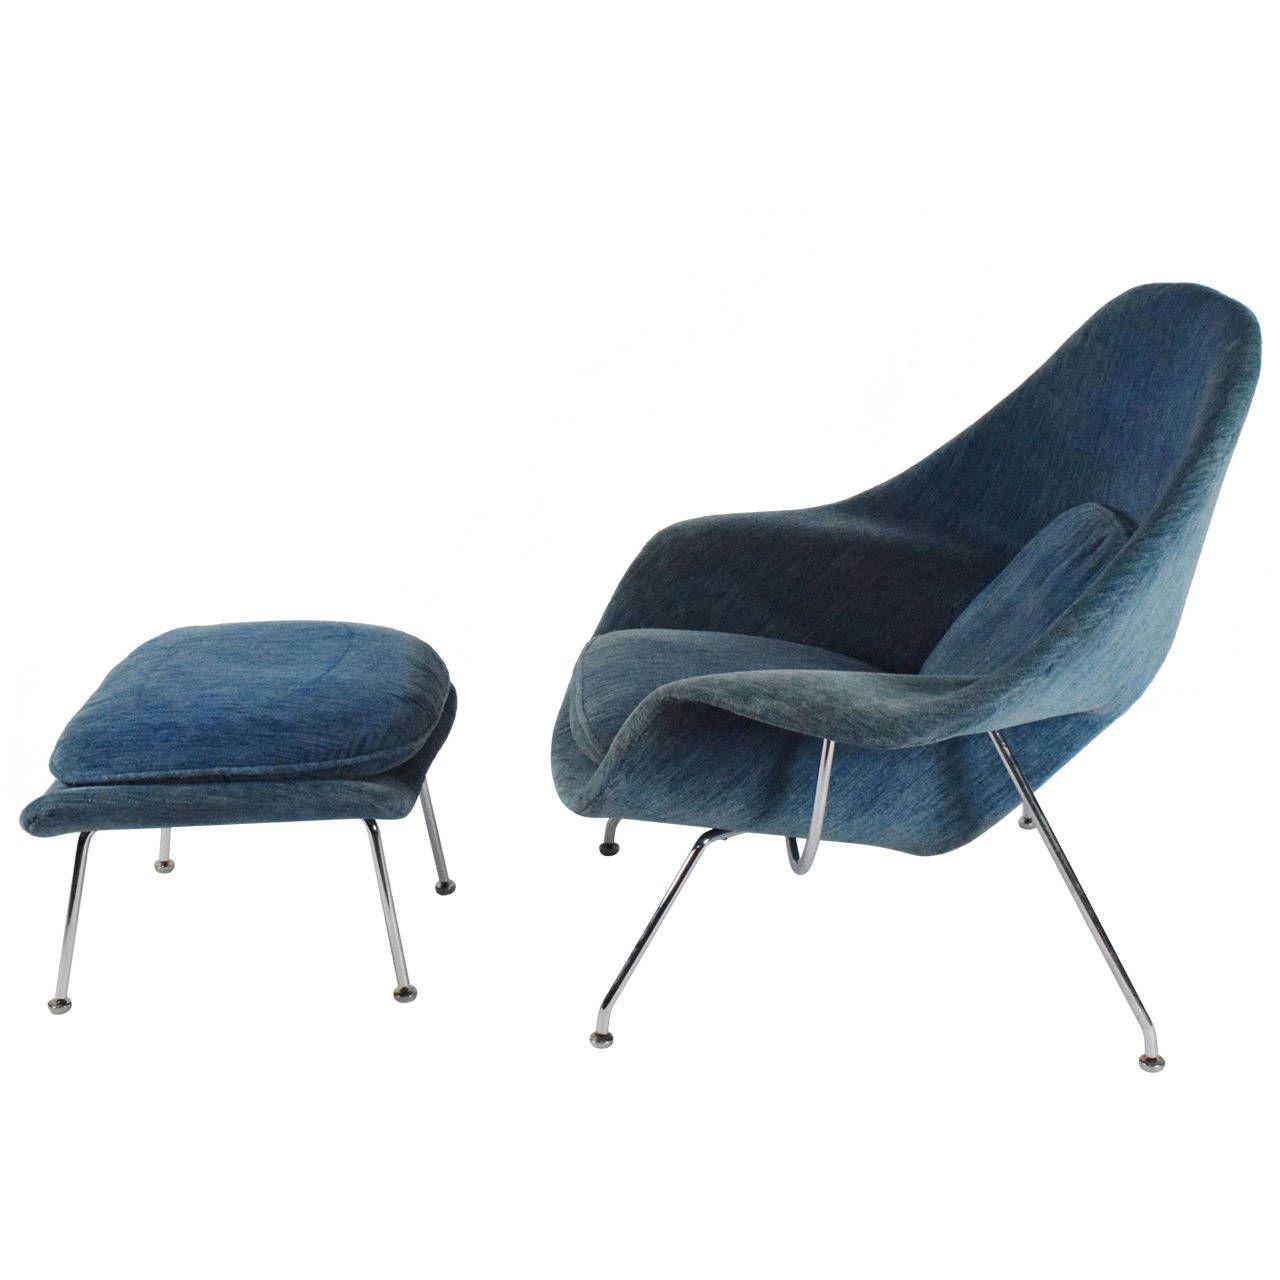 Eero Saarinen Womb Chair with Ottoman by Knoll